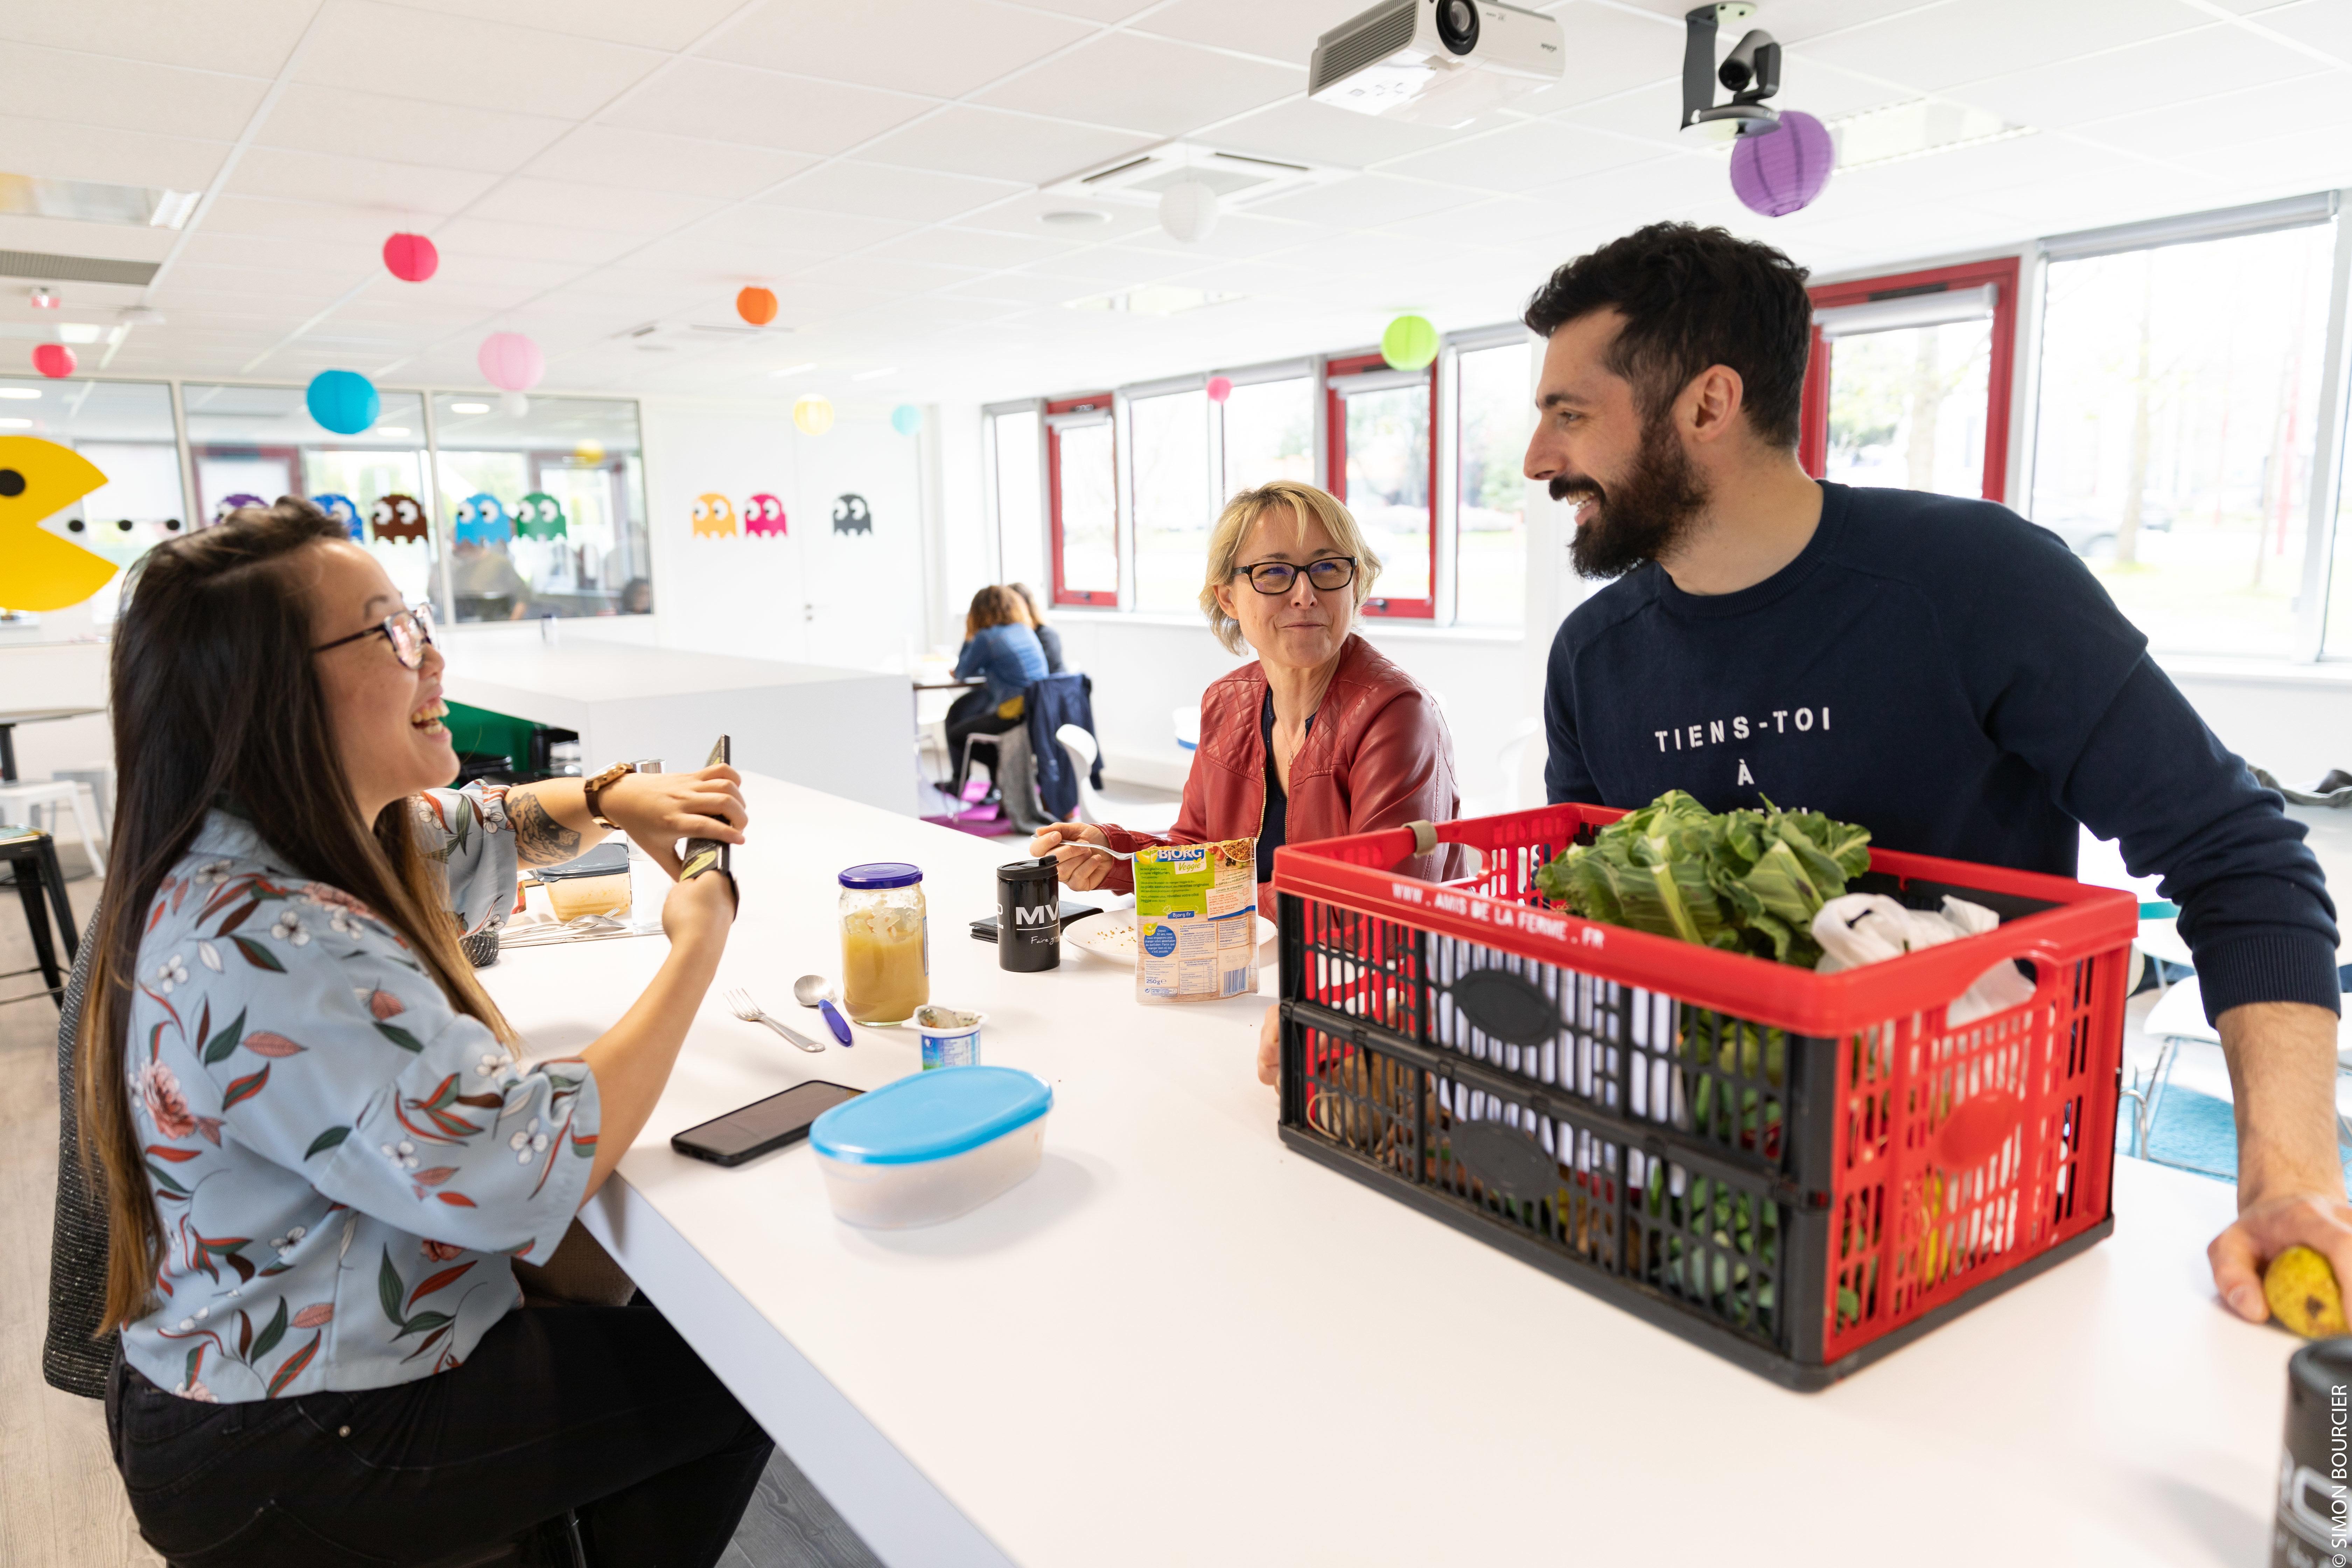 Alexis, Happiness Manager, avec deux collaboratrices devant un panier de légumes dans la cafétéria de MV Group